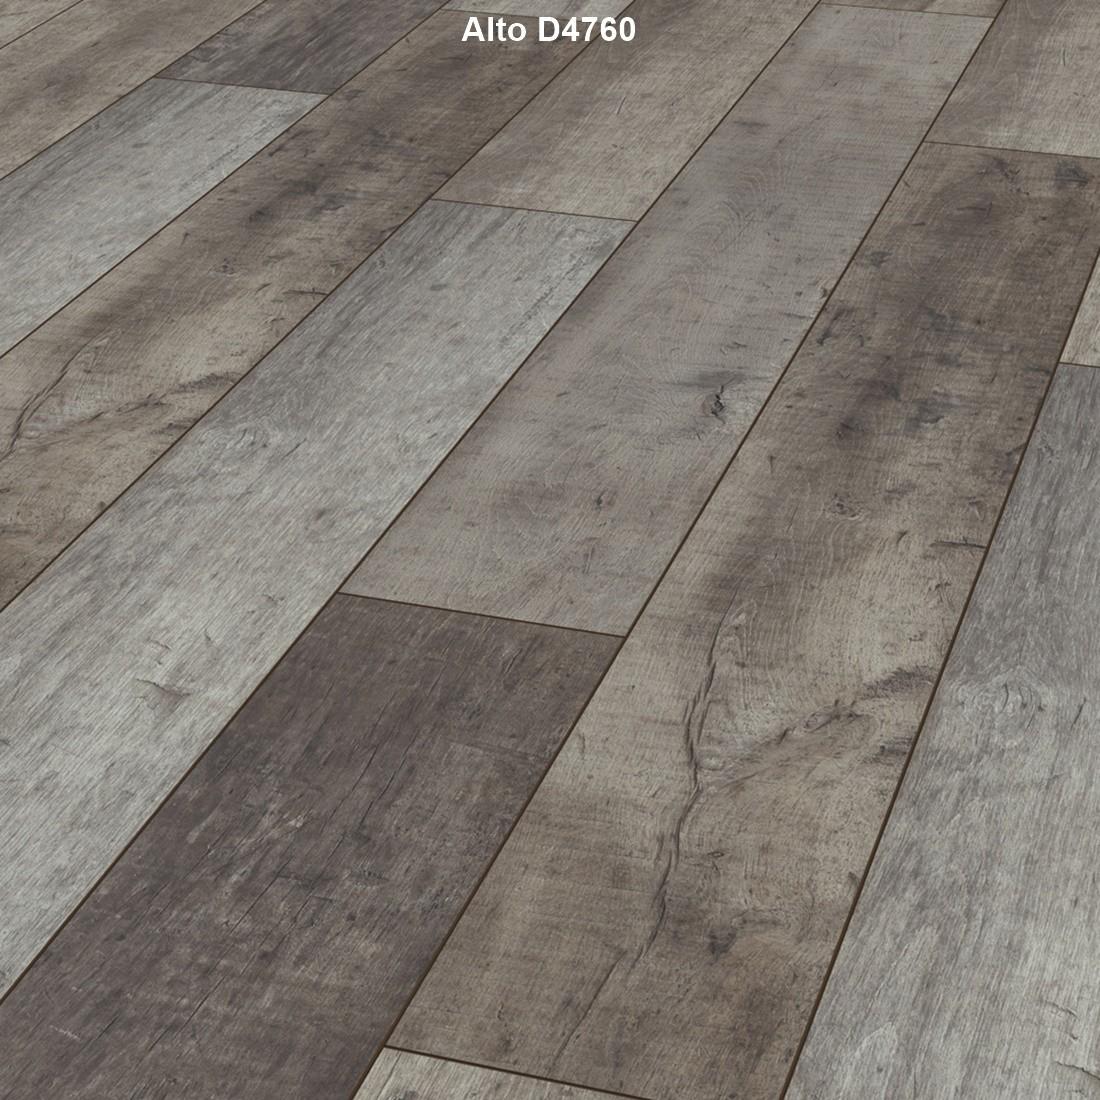 kronotex komplettangebot laminat exquisit lhd 4 v fuge 14. Black Bedroom Furniture Sets. Home Design Ideas